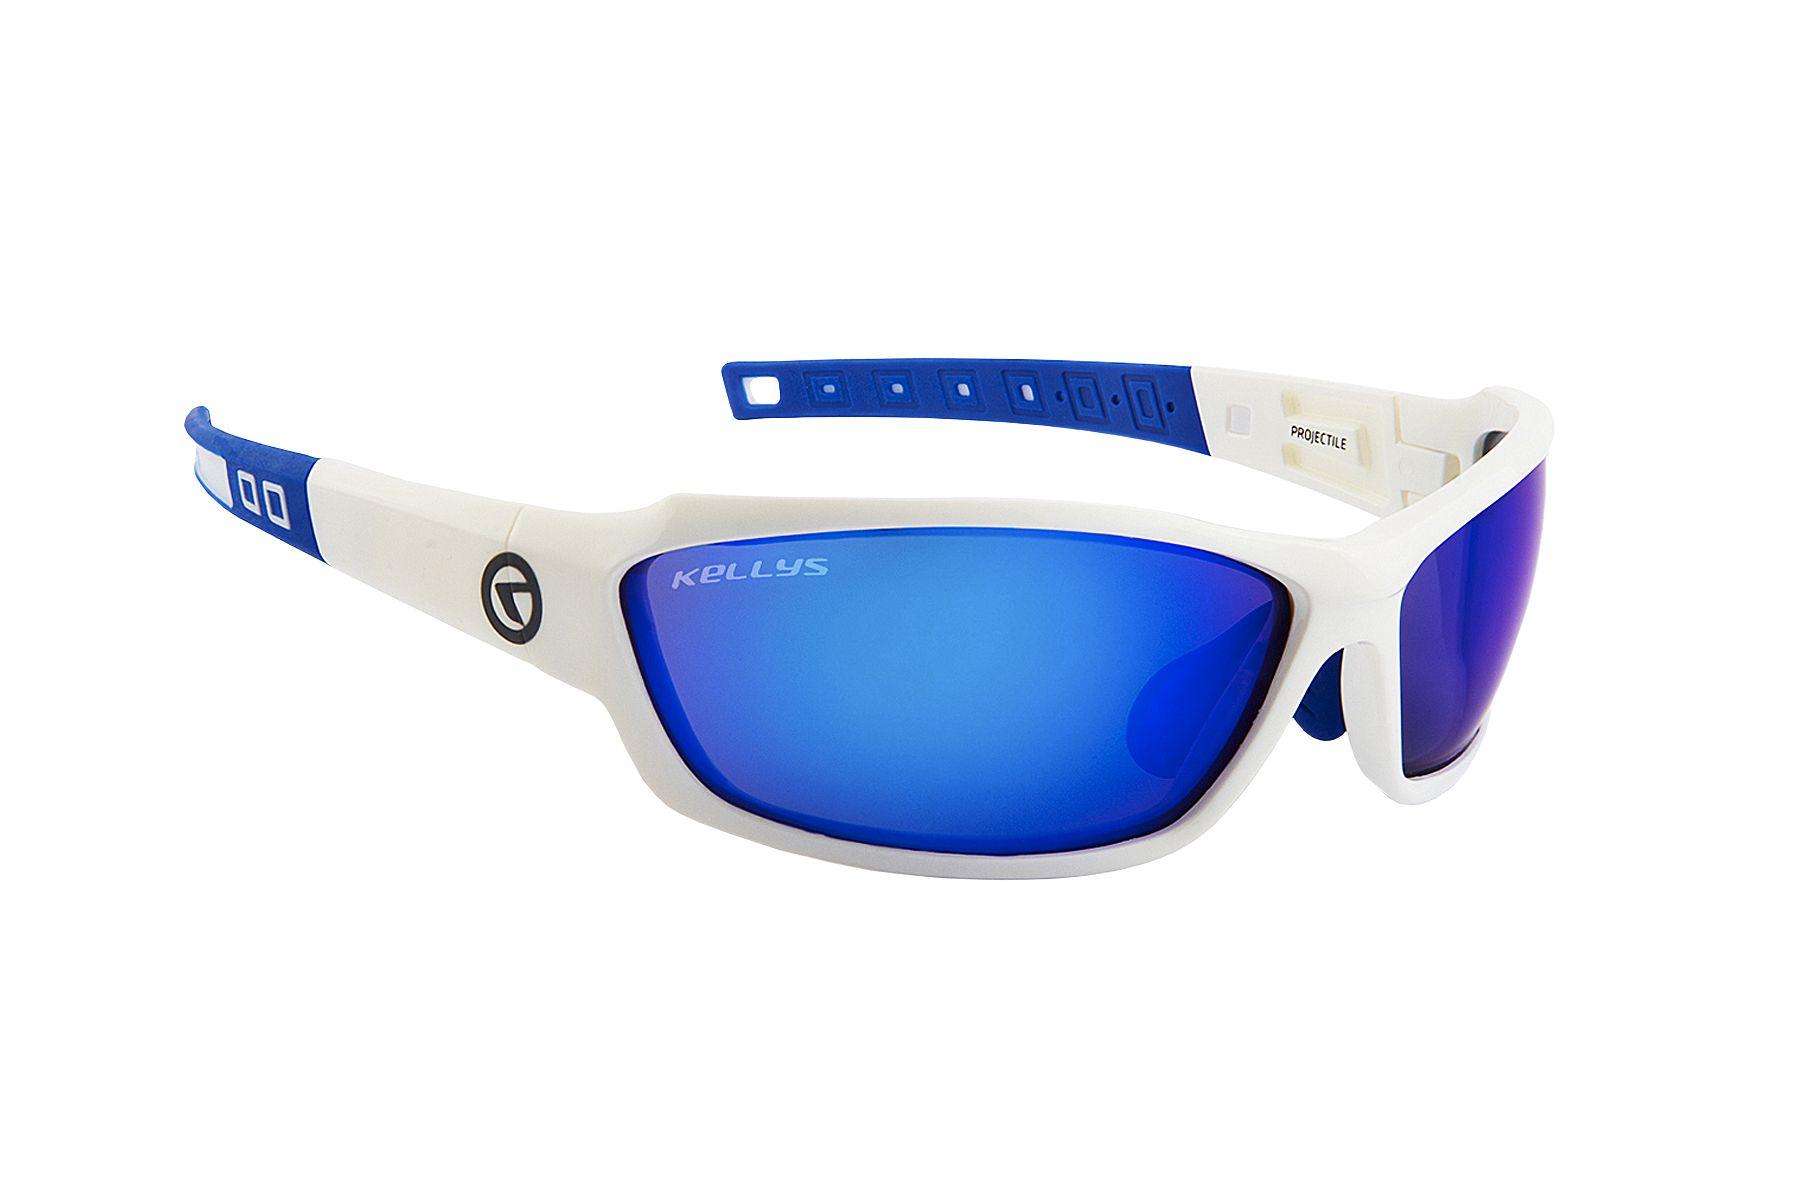 d90f73043 Slnečné okuliare KELLYS Projectile - Shiny White - E-shop - SHOPBIKE